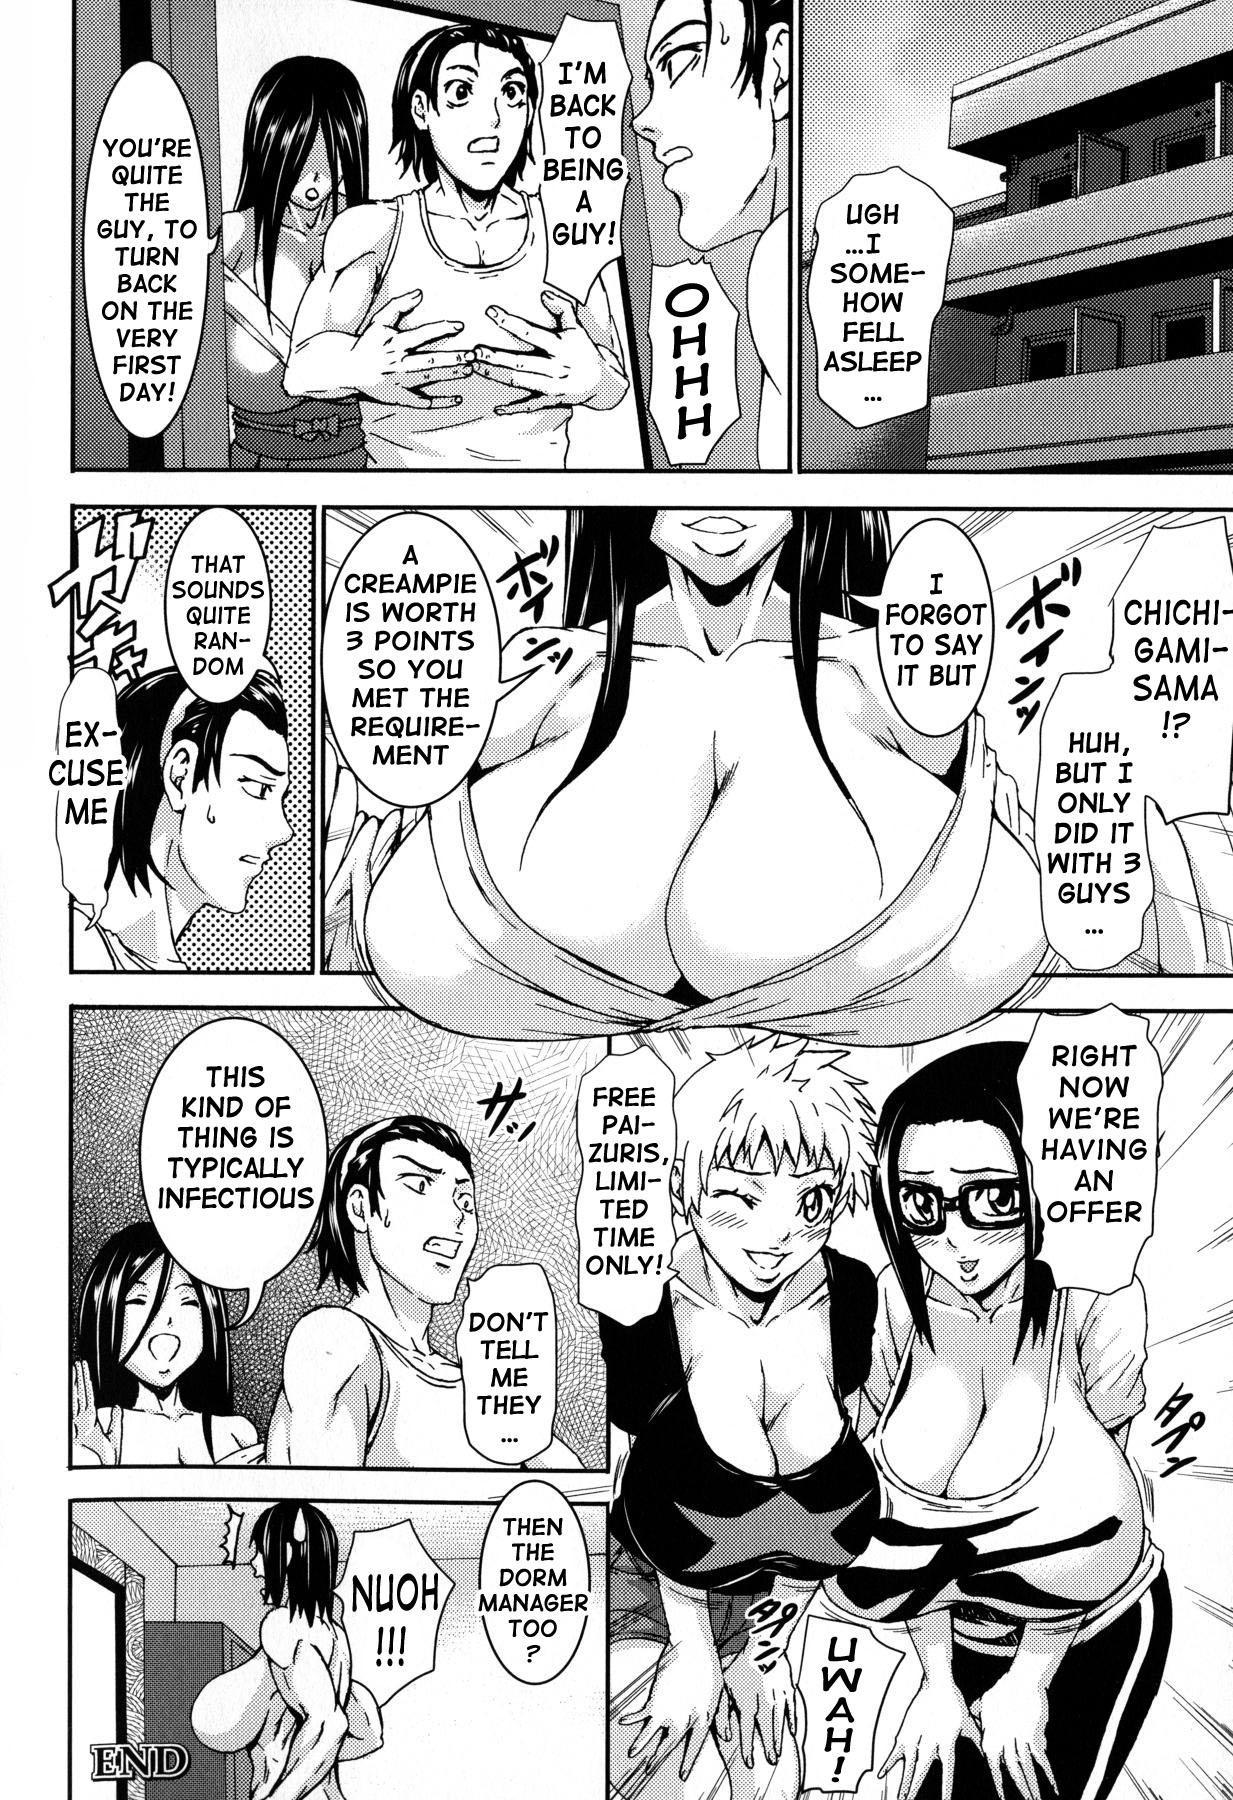 Chichiyoku | Desirable Breasts 83